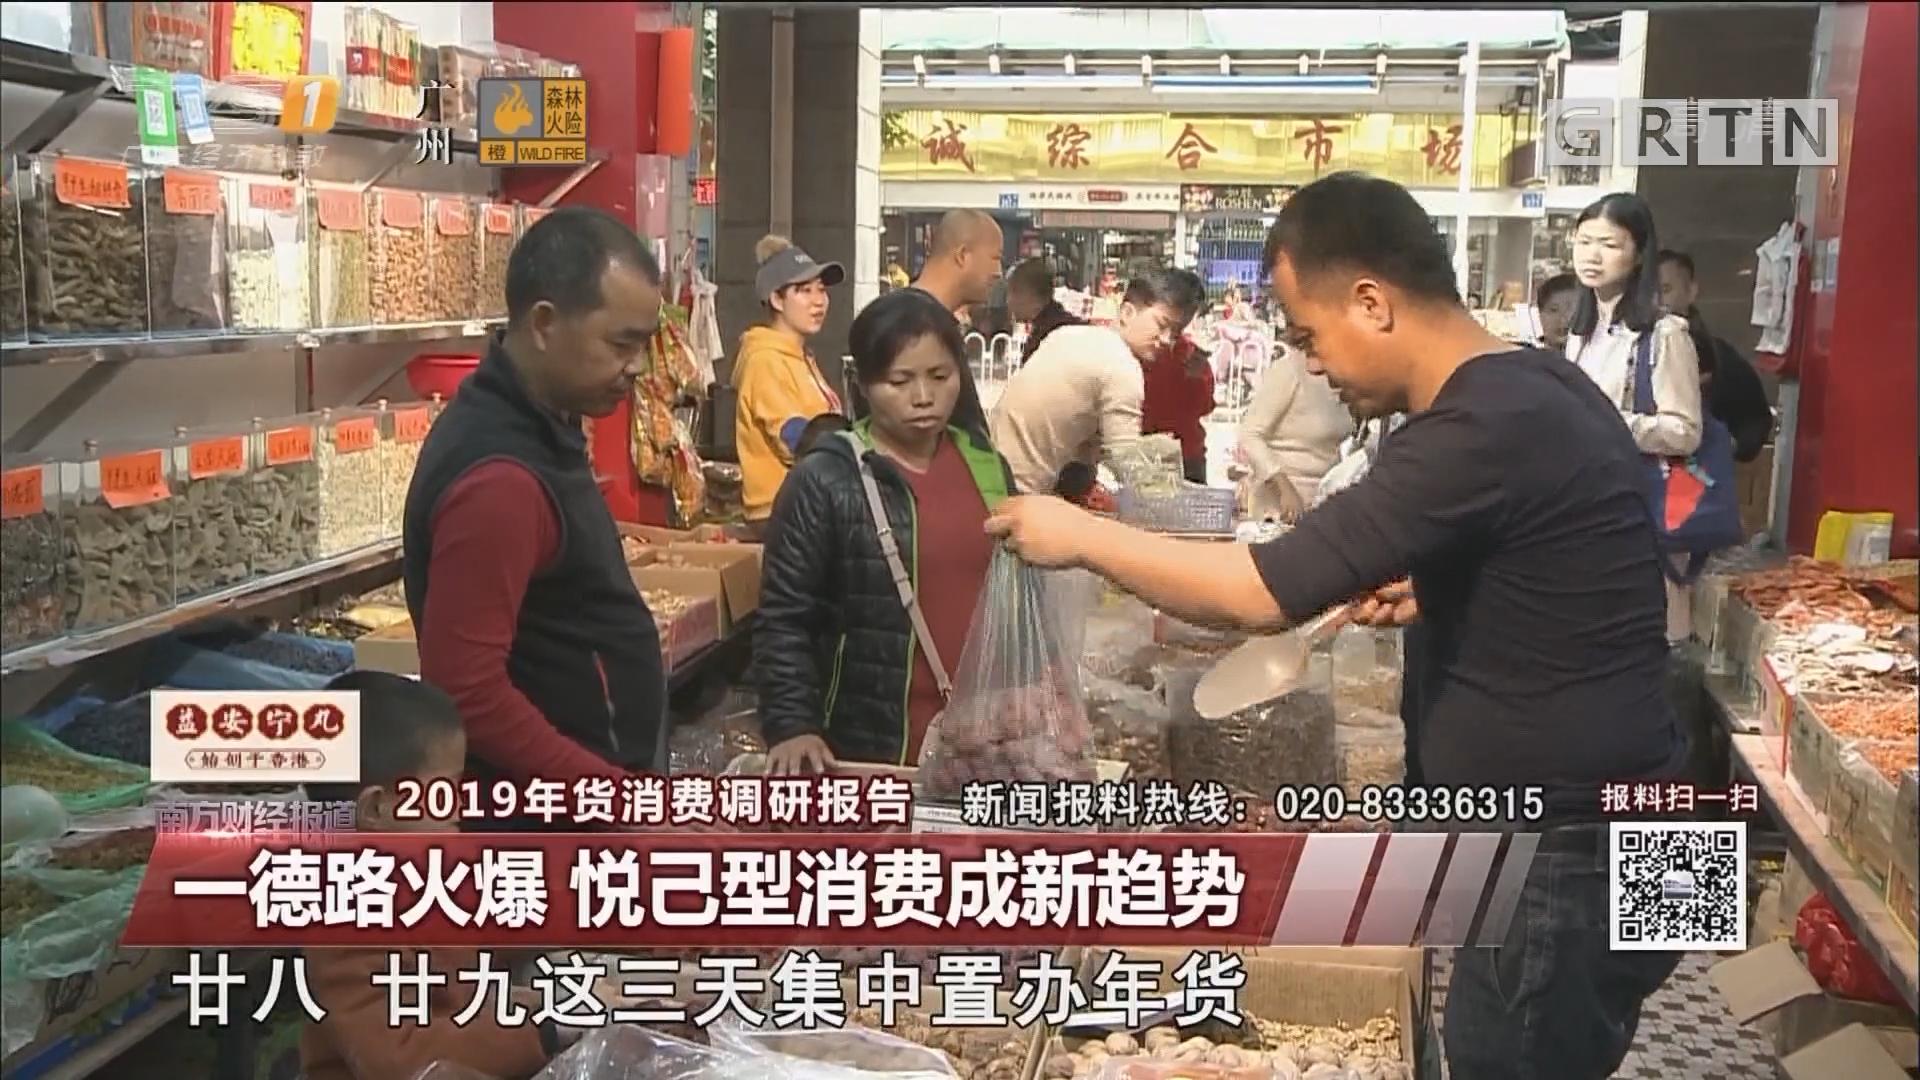 2019年货消费调研报告:一德路火爆 悦己型消费成新趋势